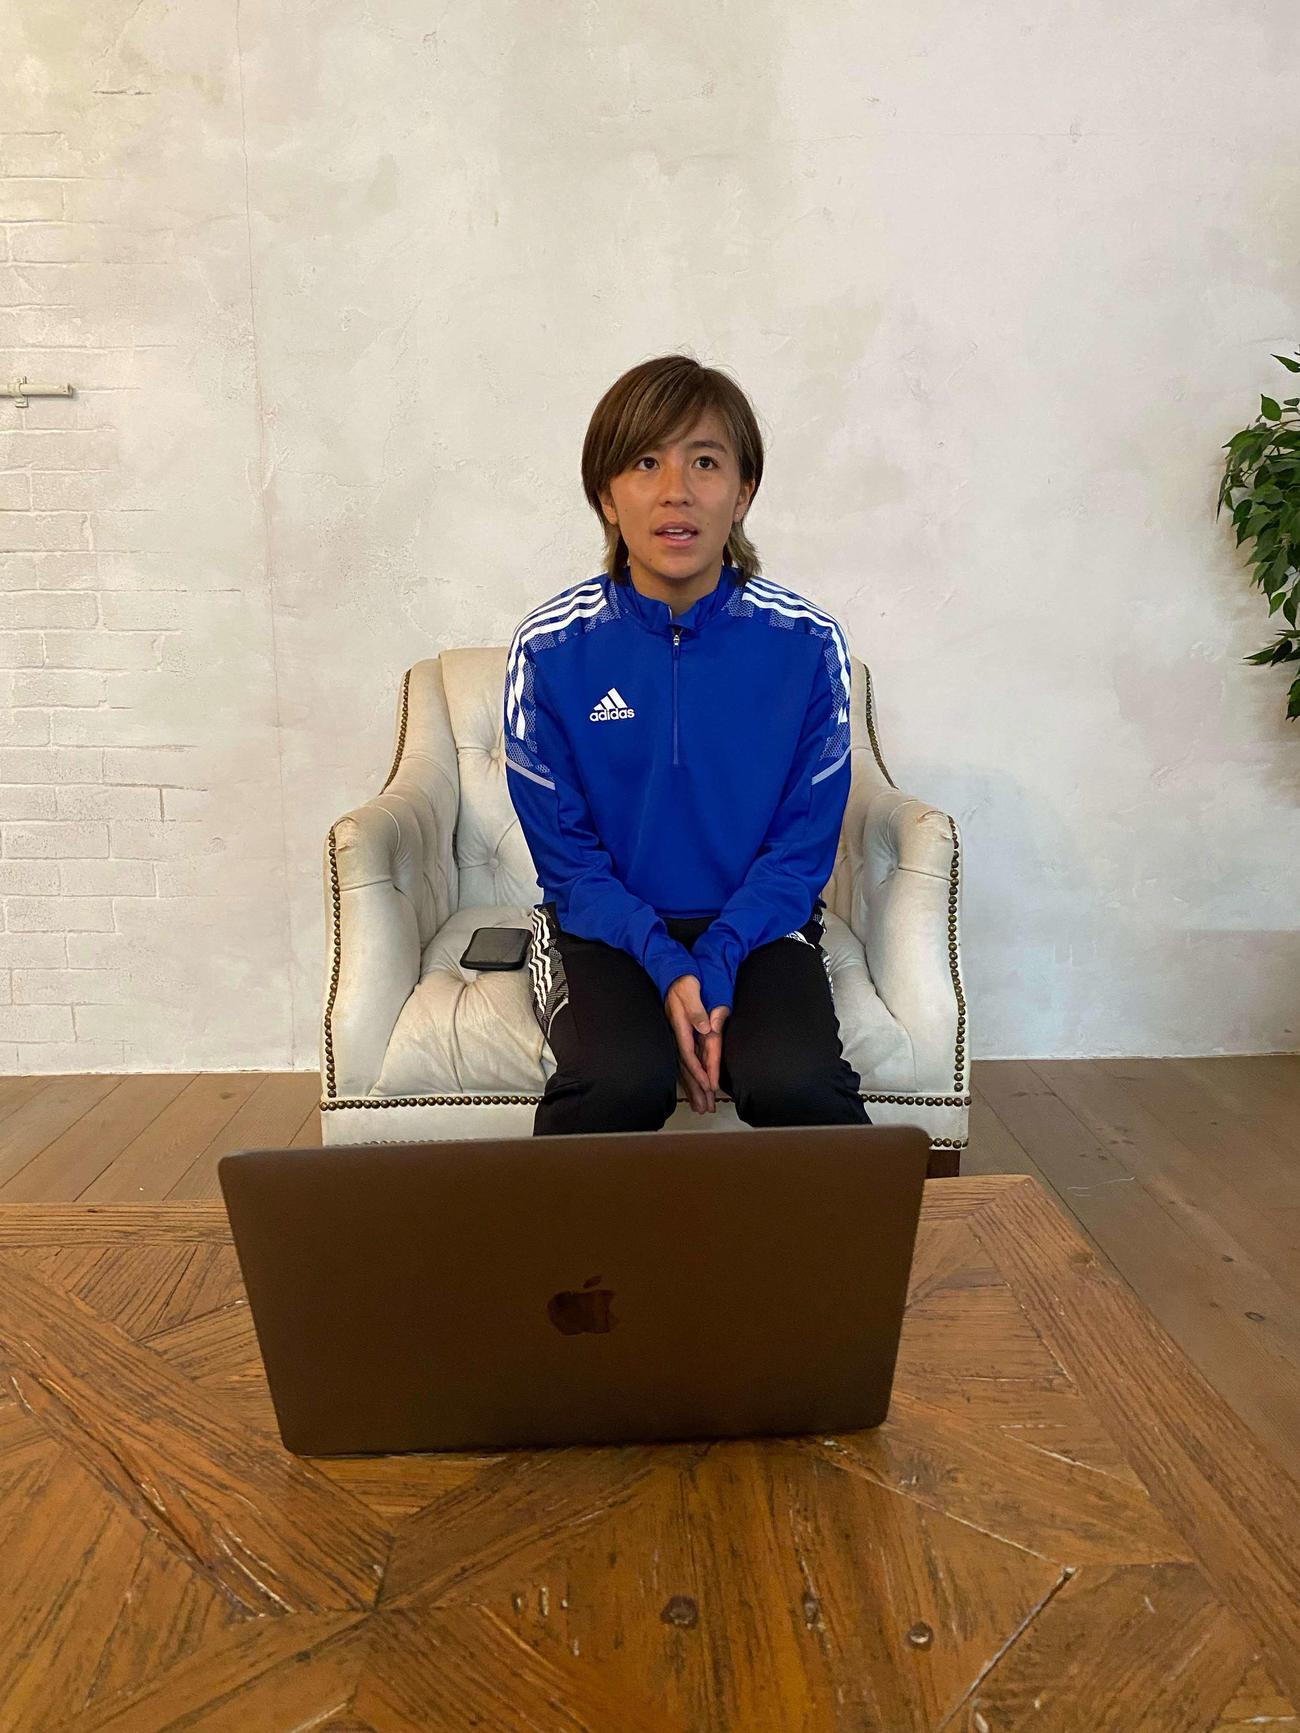 東京五輪に臨む「なでしこジャパン」のメンバーに選出され、日刊スポーツのオンライン取材に応じる岩渕